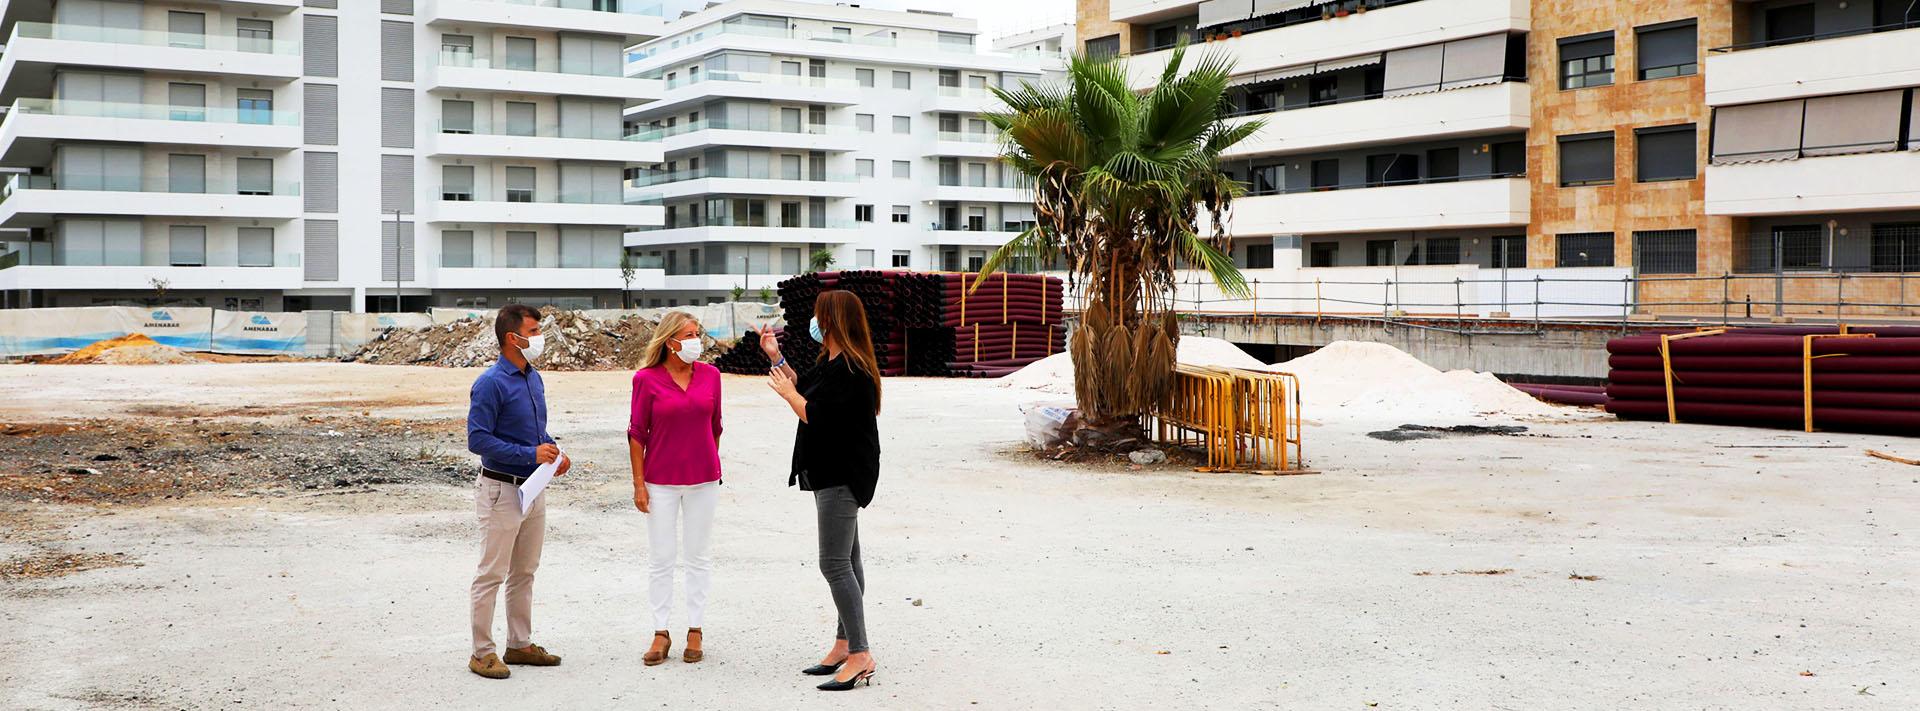 Prometen 73 viviendas de promoción pública en Nueva Andalucía